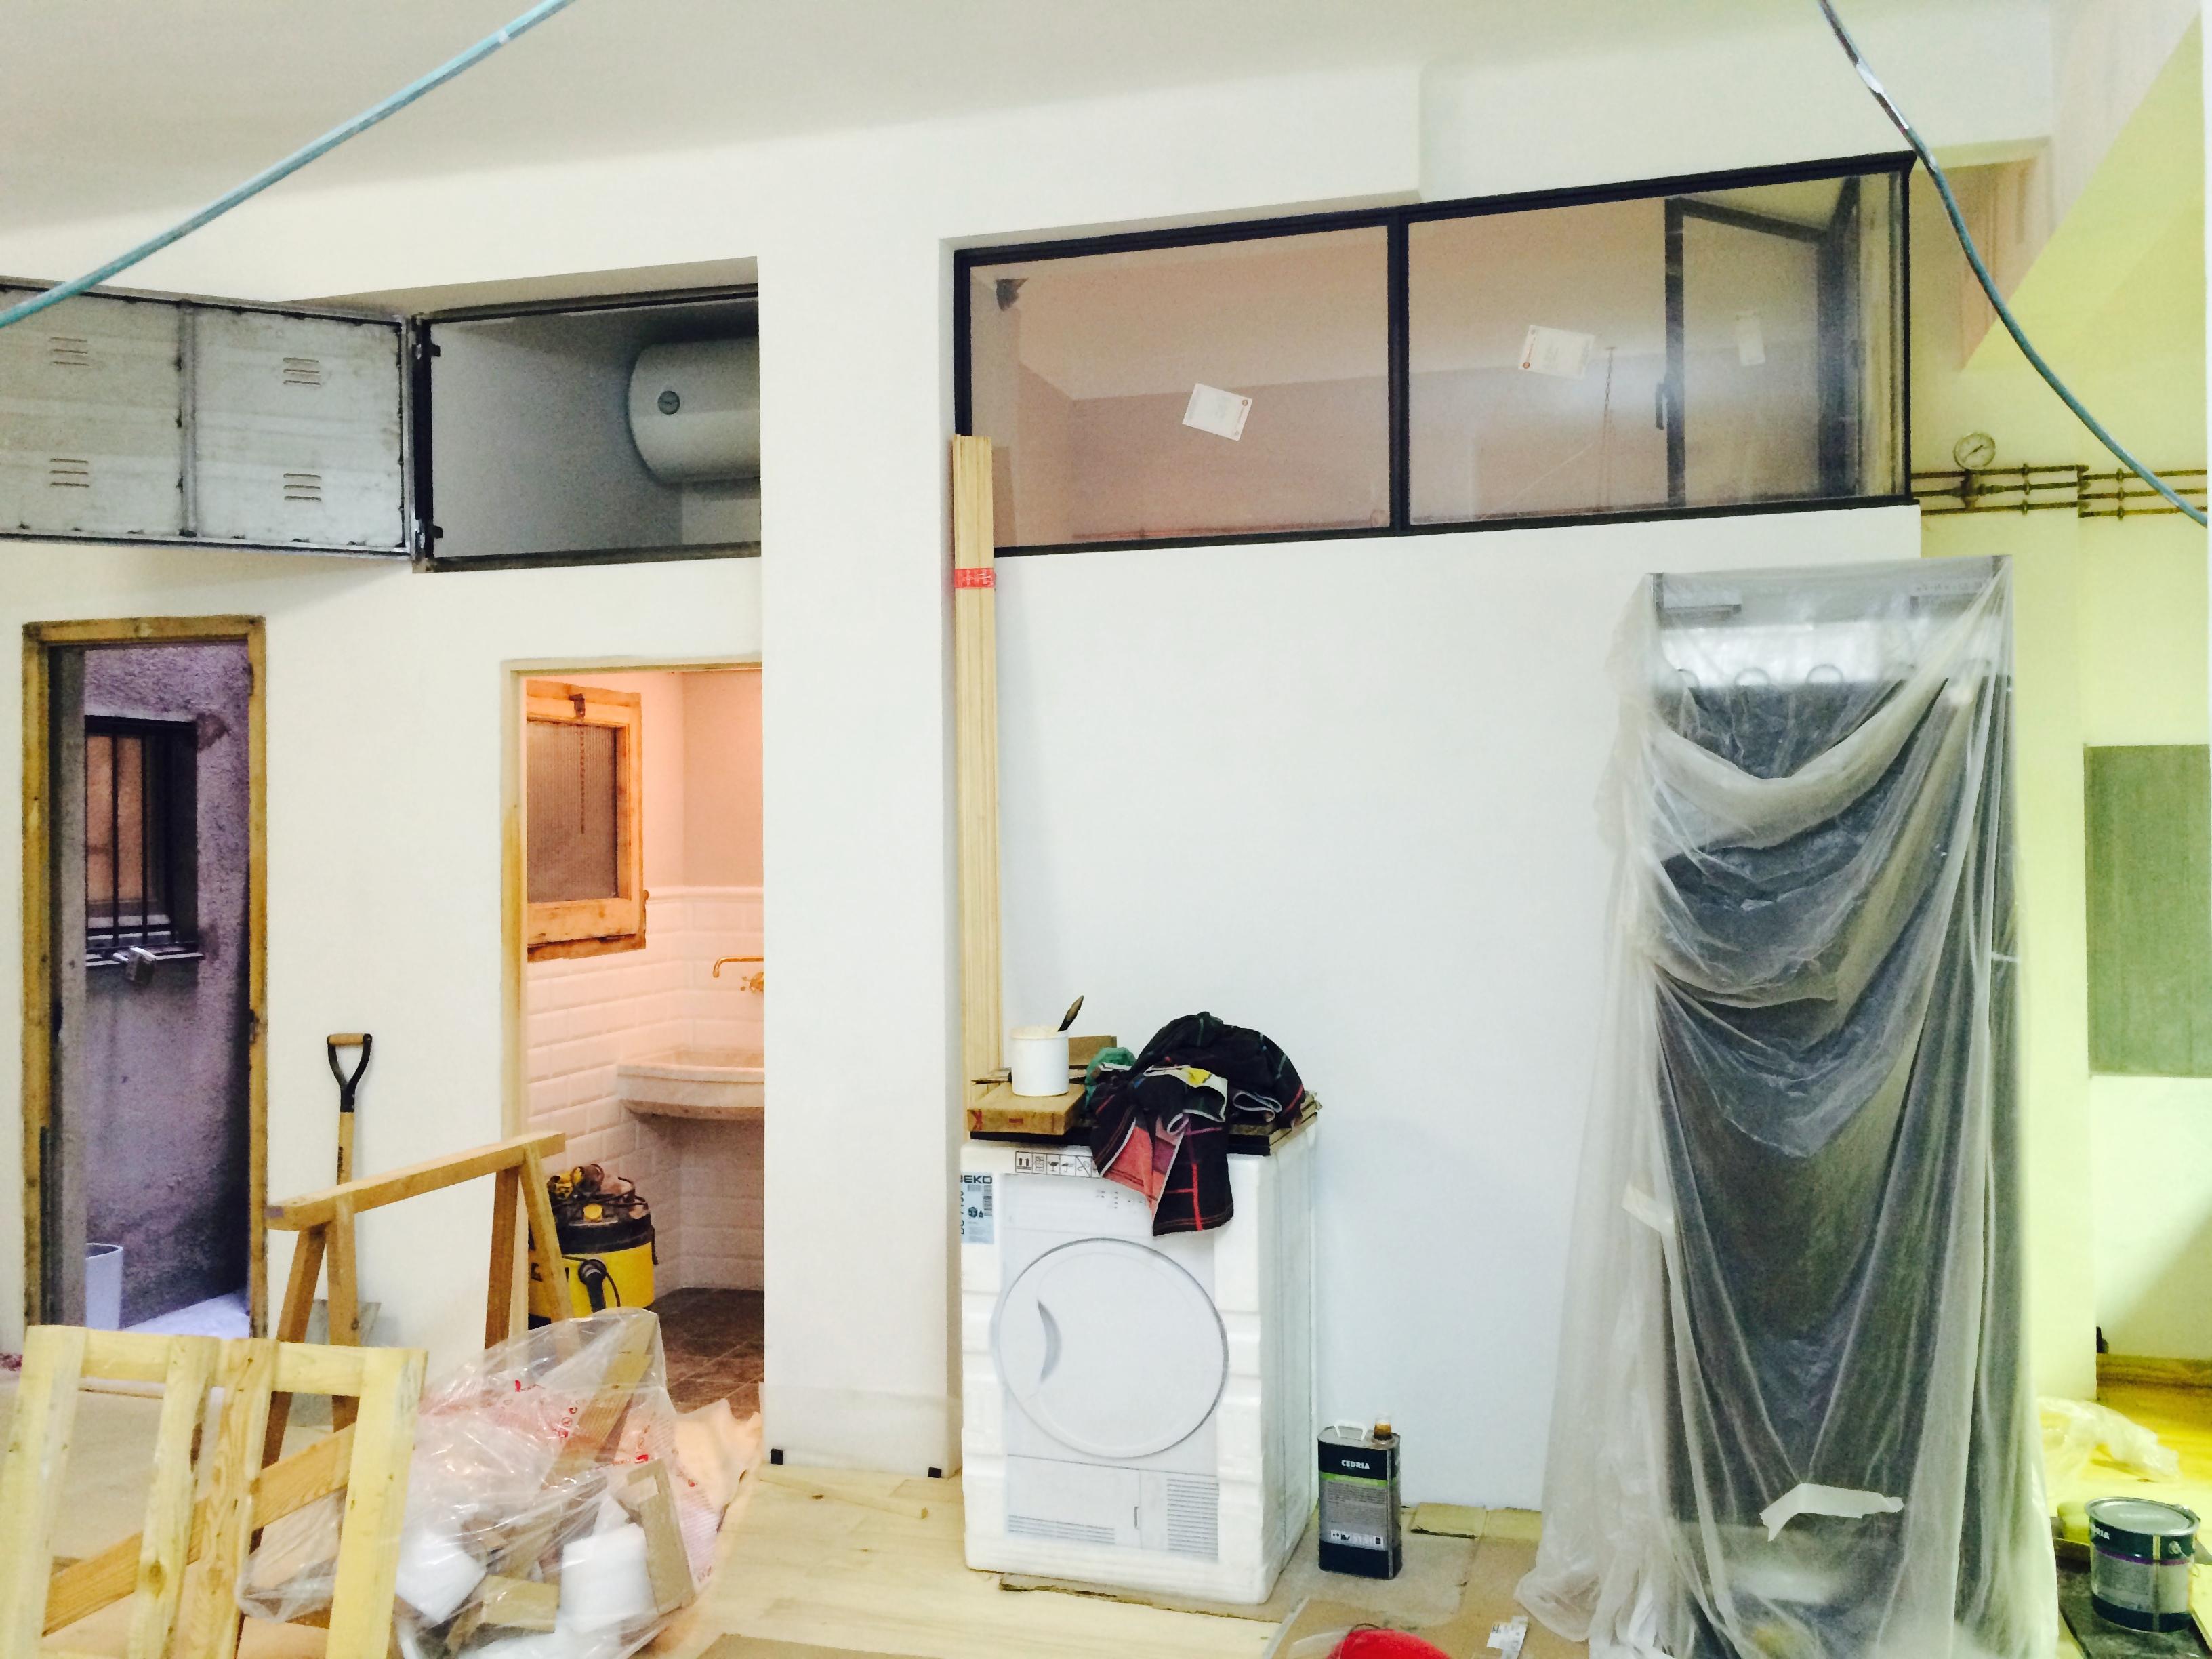 Cambio de uso de local a vivienda estudioqbarcelona for Cambio de uso de oficina a vivienda